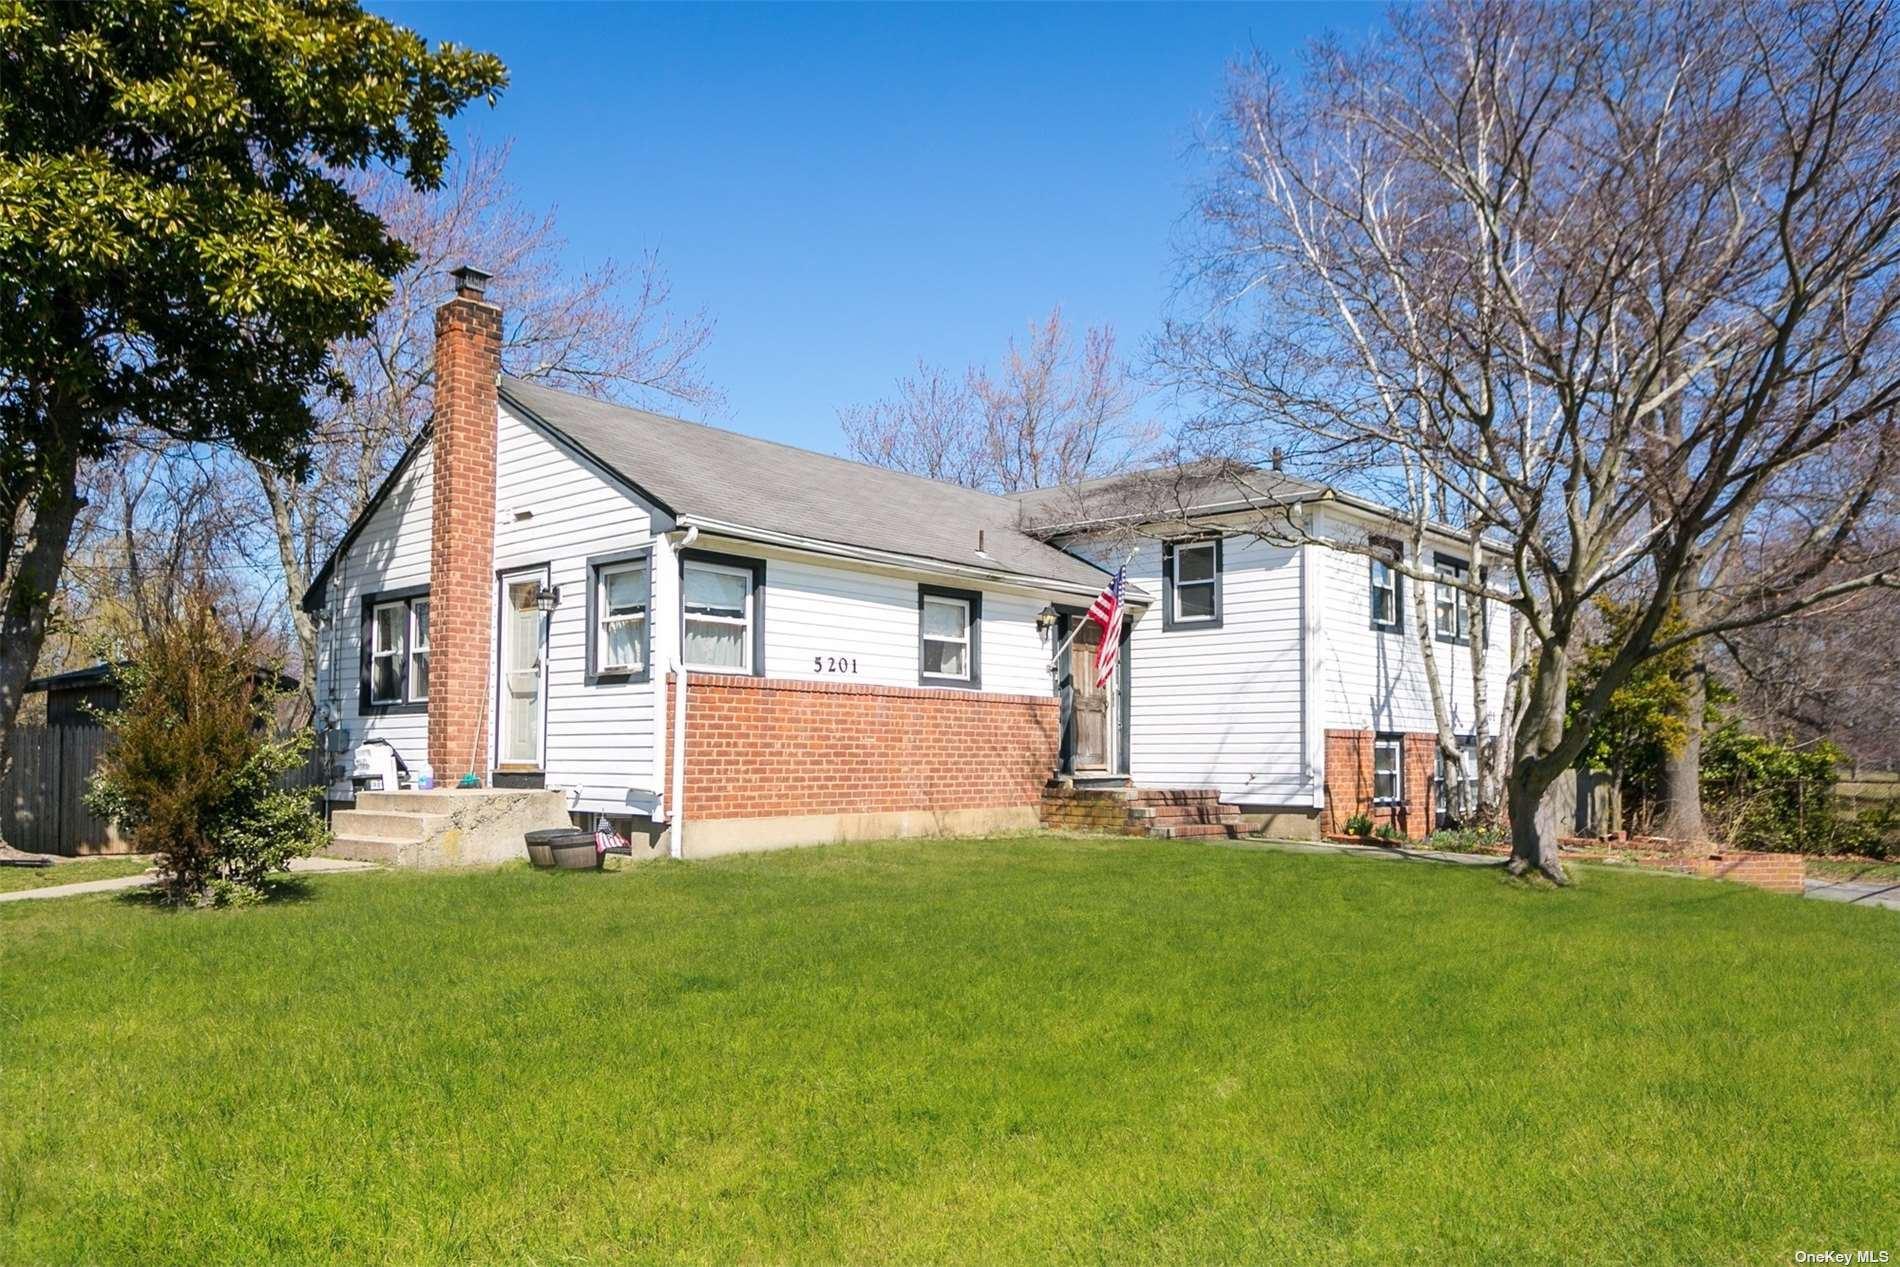 5201 Merrick Road, Massapequa, NY 11758 - MLS#: 3354157